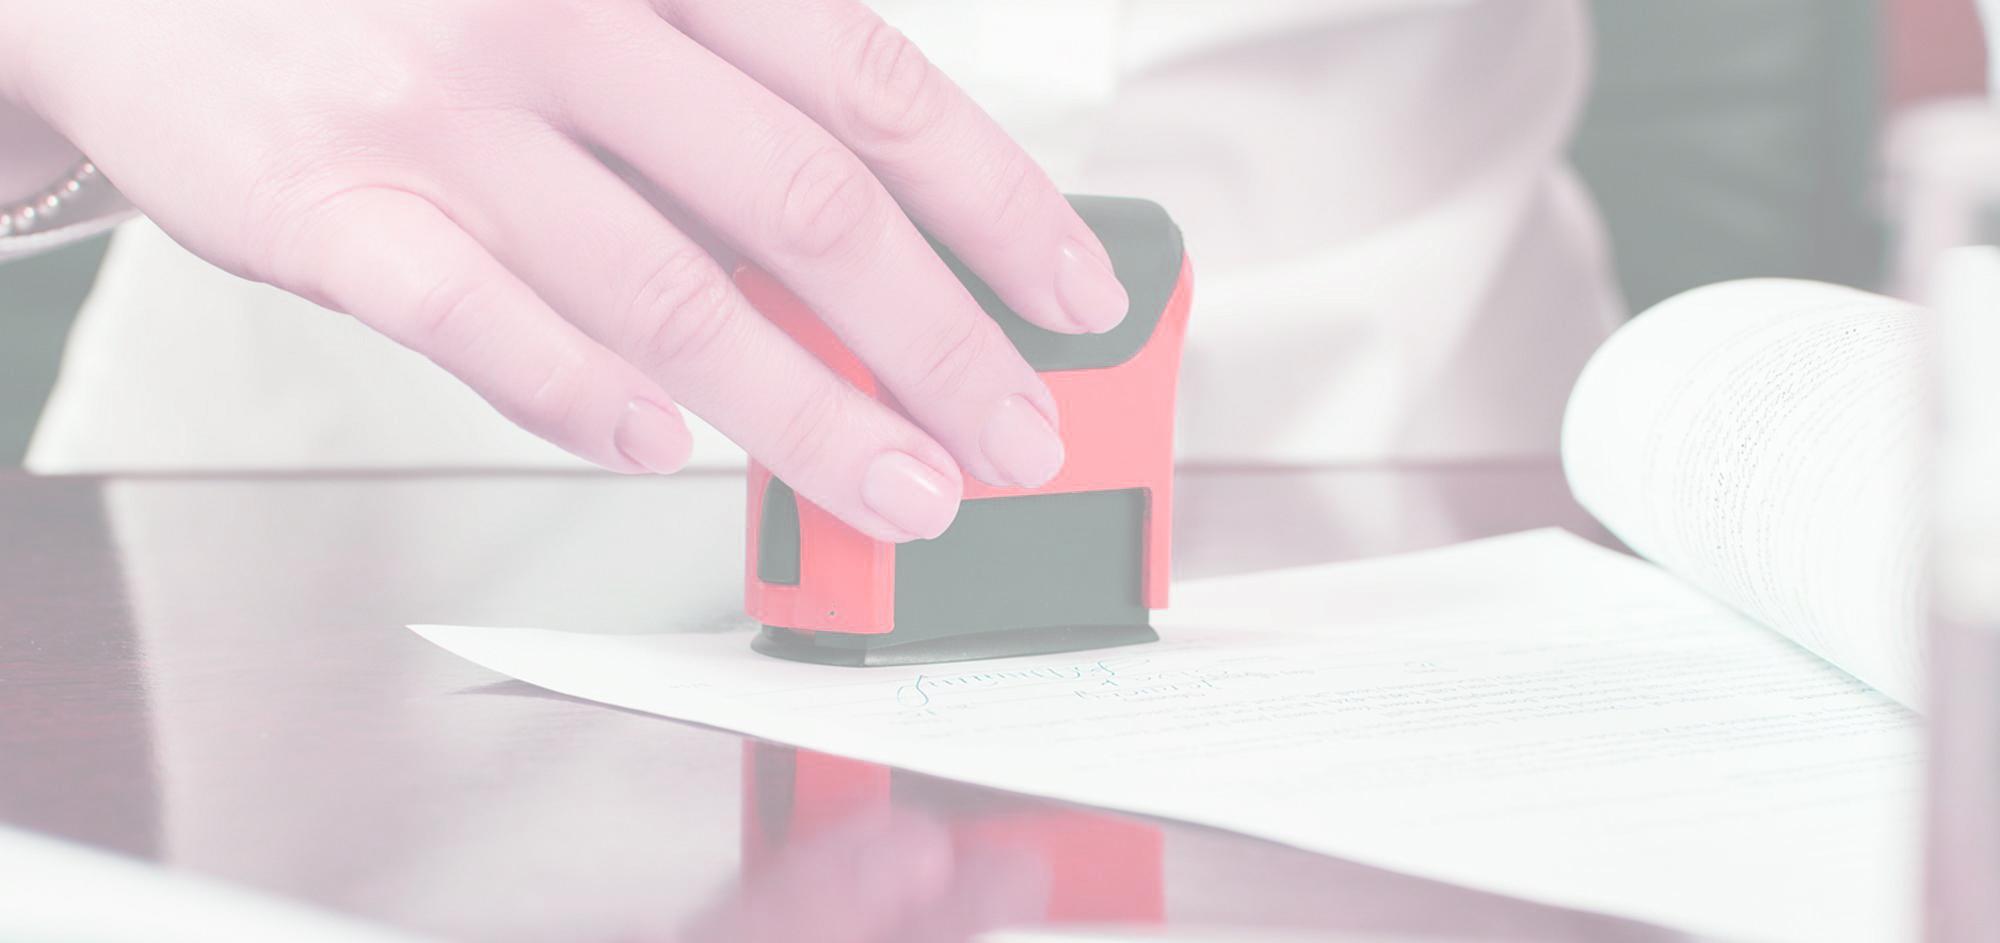 Изготовление печатей и штампов в Алматы